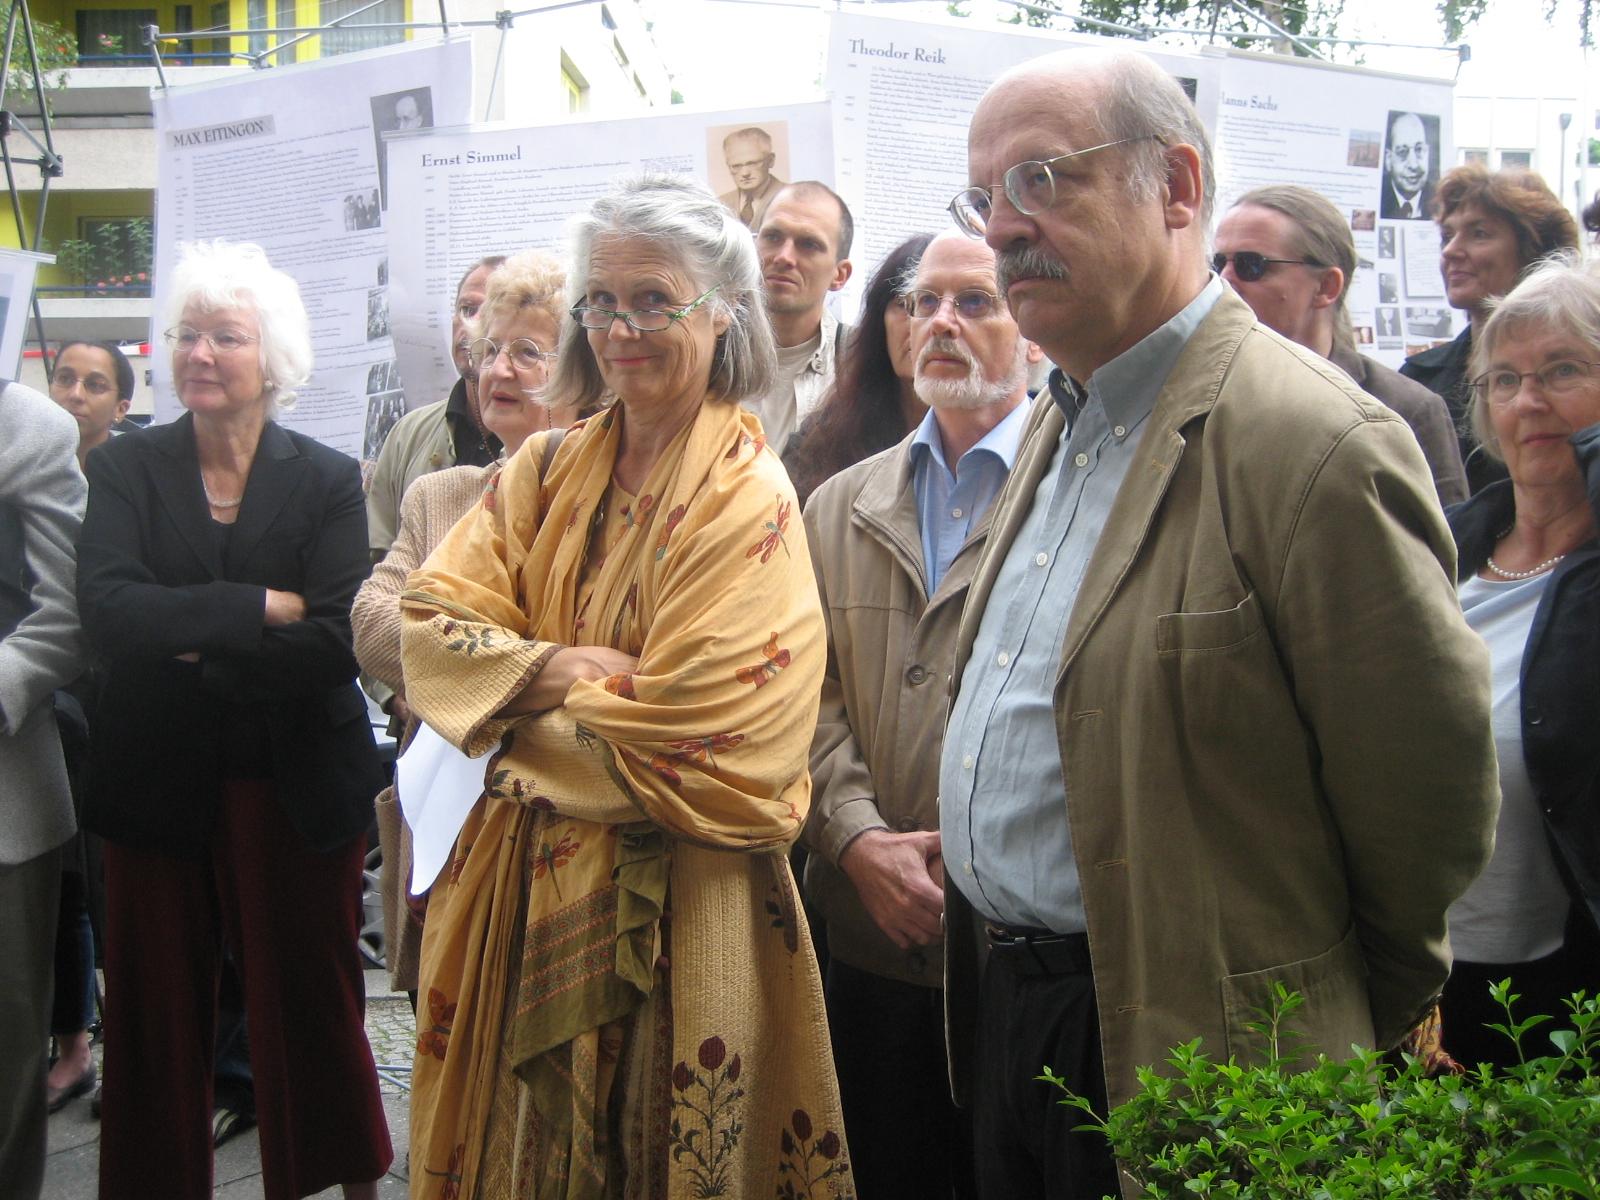 Tafelenthüllung. Christiane Ludwig-Körner und Michael Schröter (im Vordergrund)